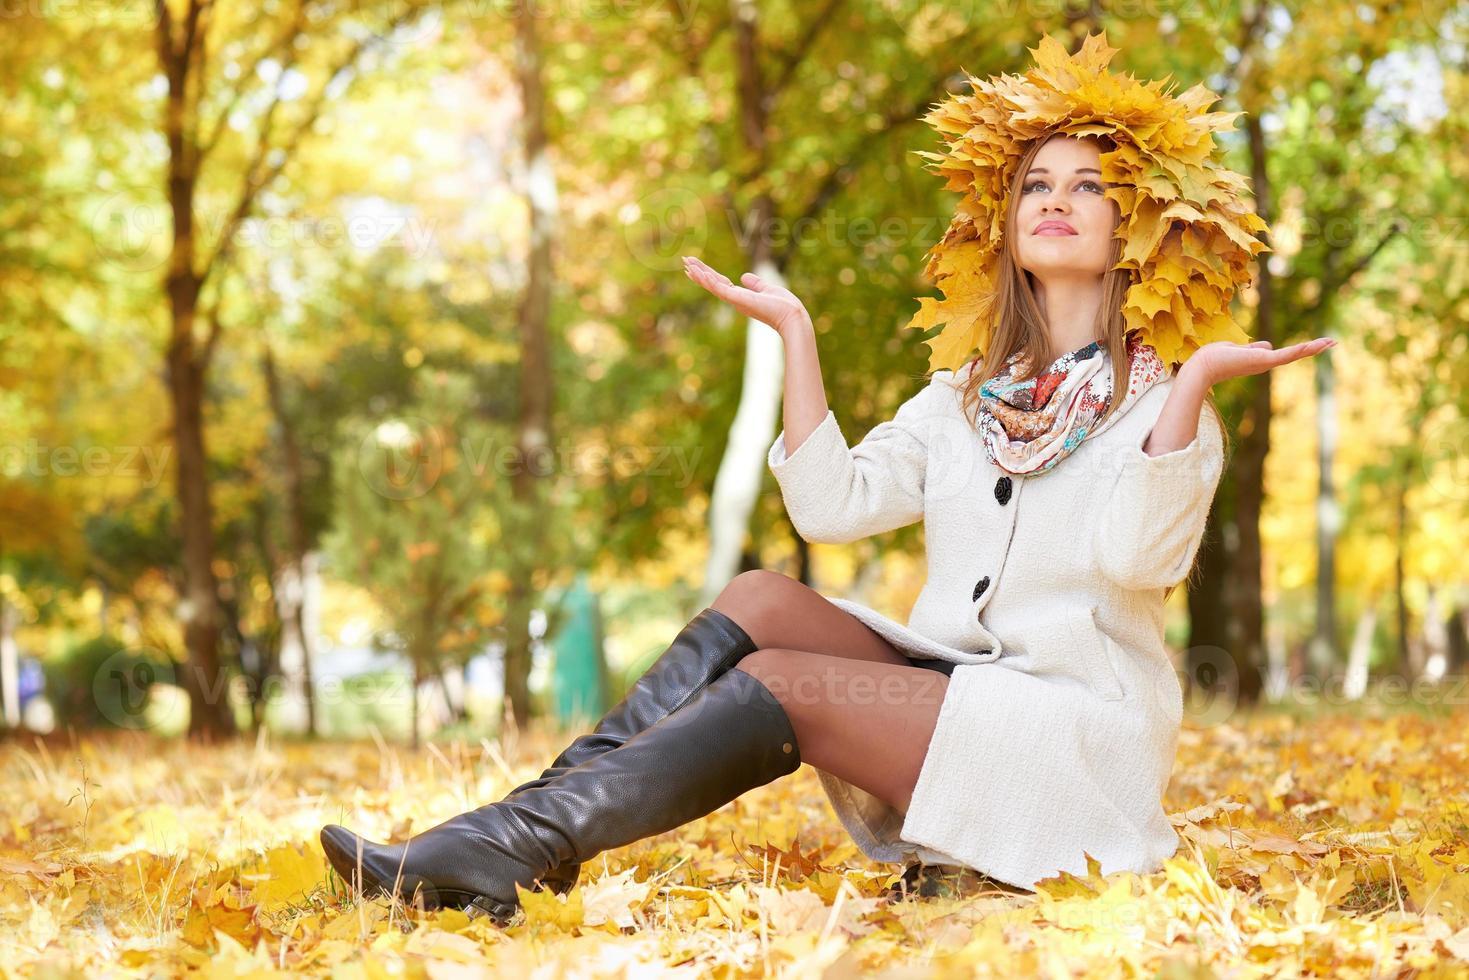 fille assise sur les feuilles dans le parc de la ville automne ensoleillé photo